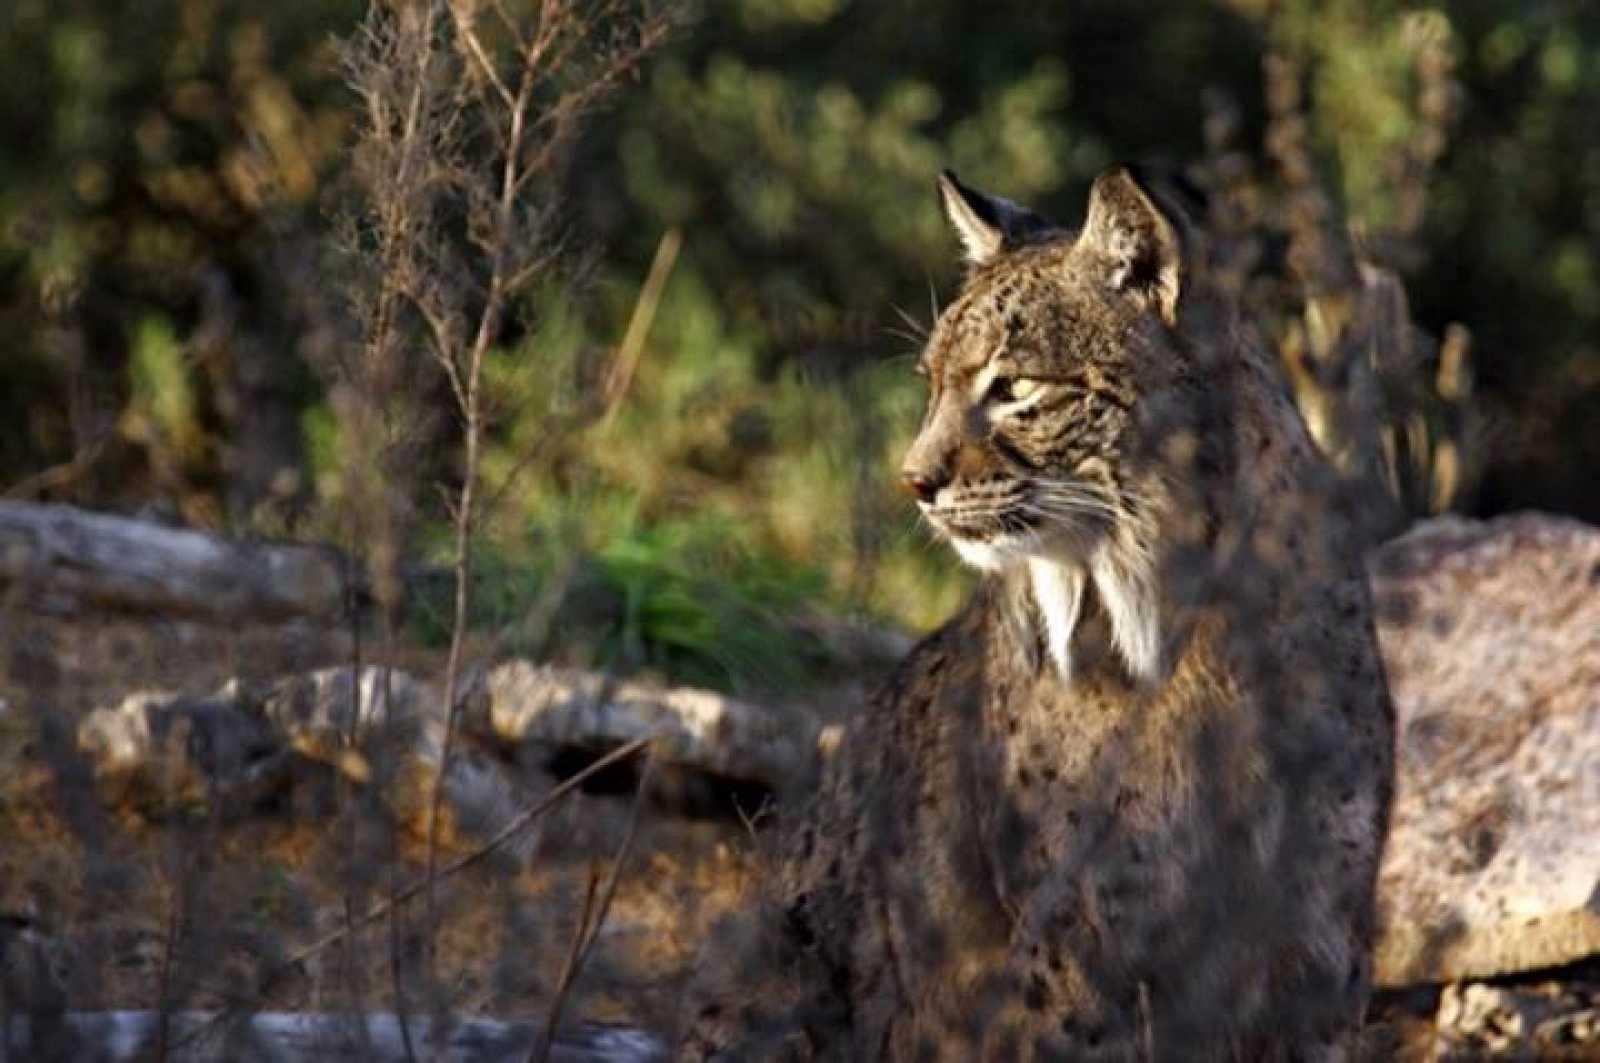 Jub, uno de los machos adultos más prolíficos de la cría en cautividad